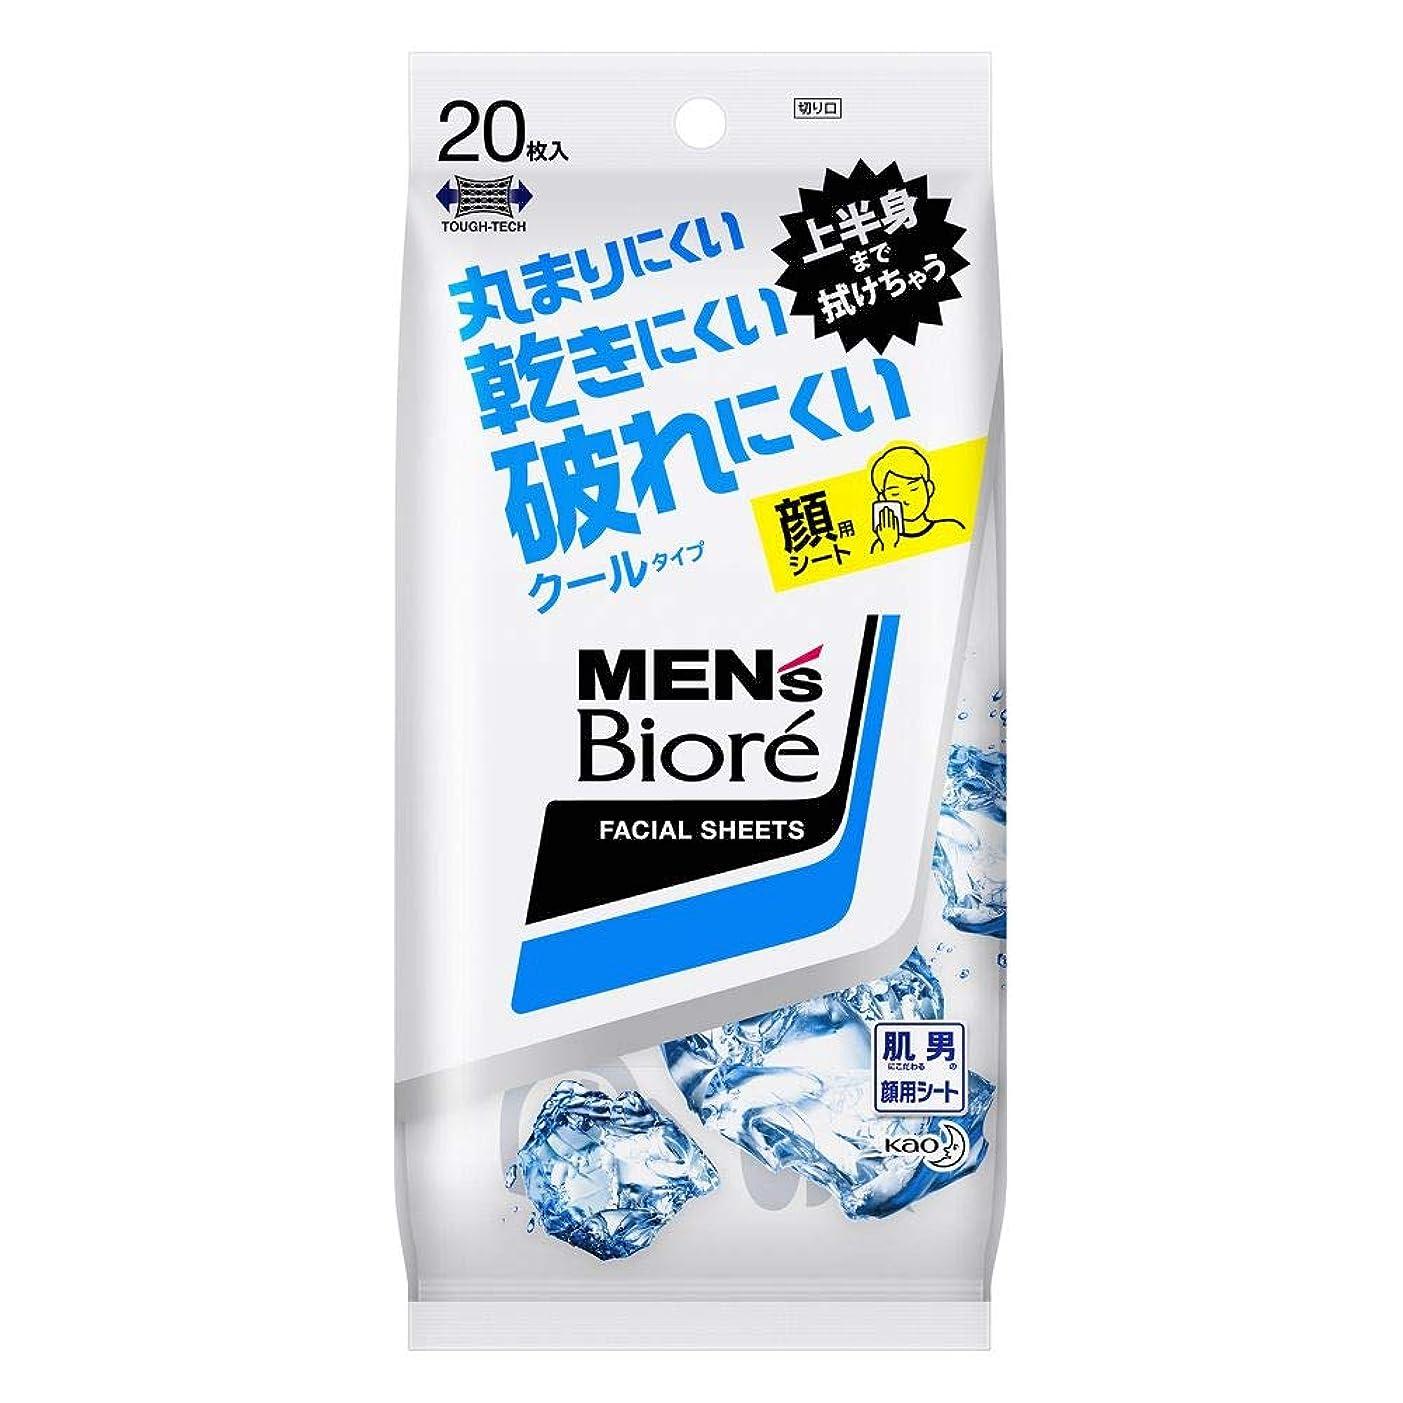 印象派湿気の多い湾花王 メンズビオレ 洗顔シート クール 携帯用 20枚